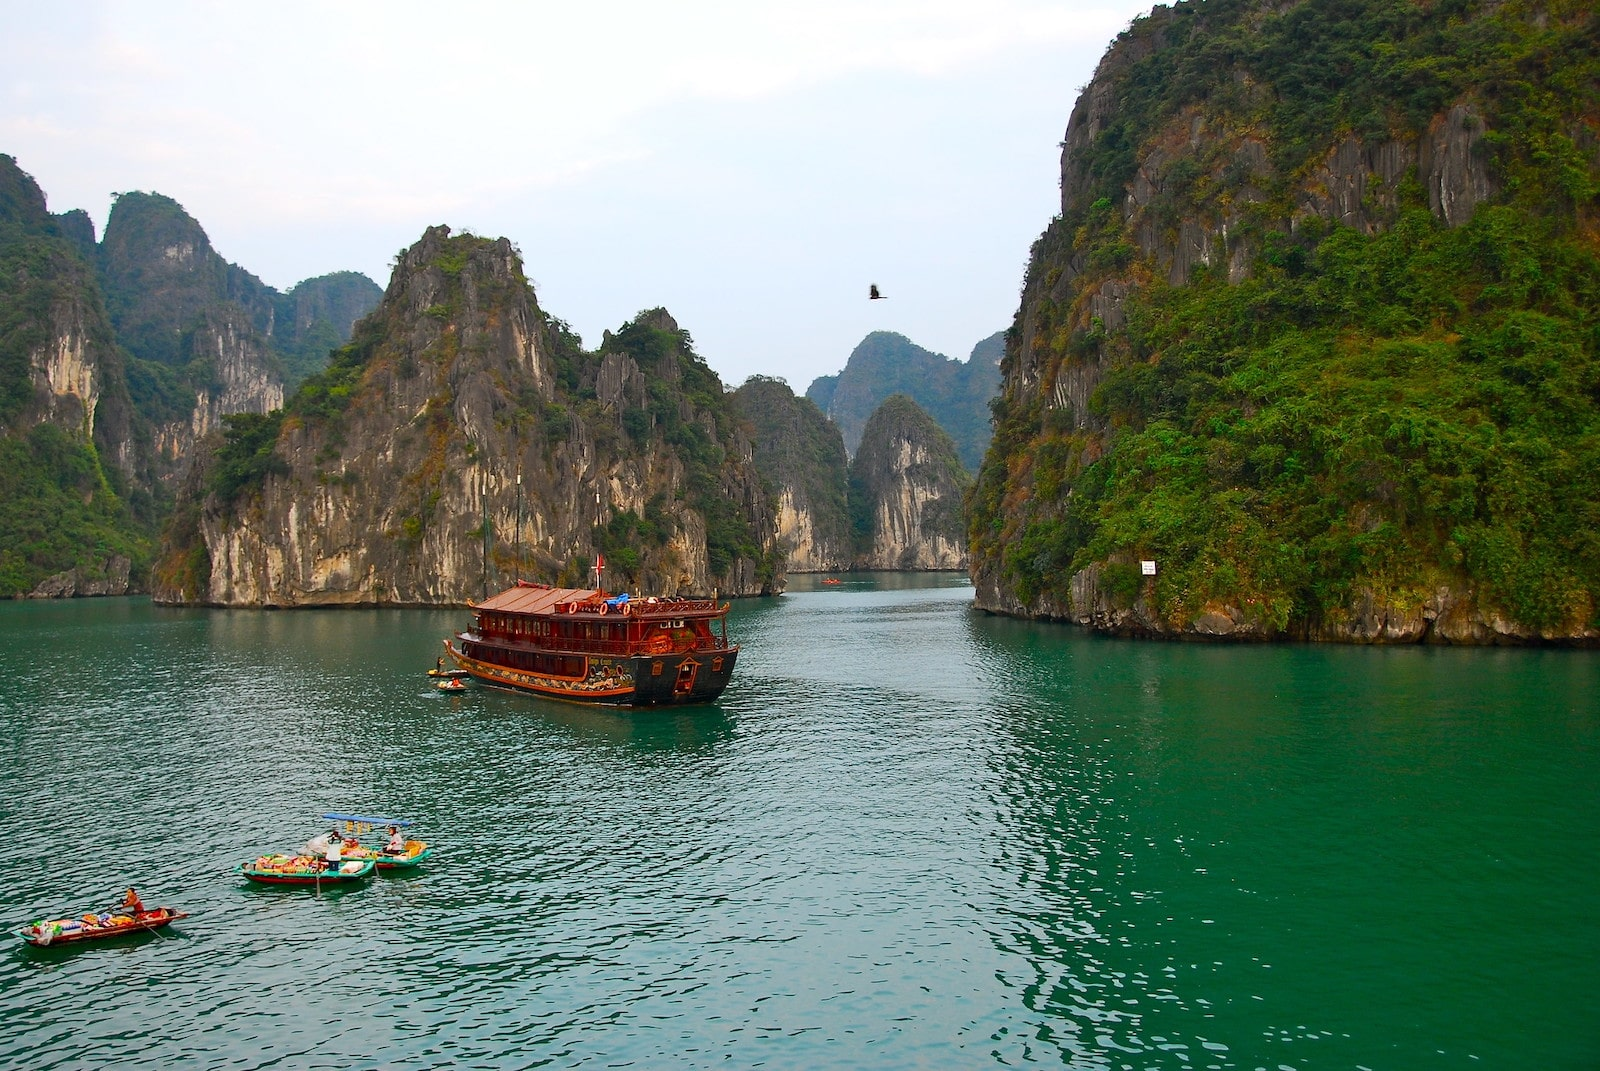 Image of boats in Ha Long Bay in Vietnam